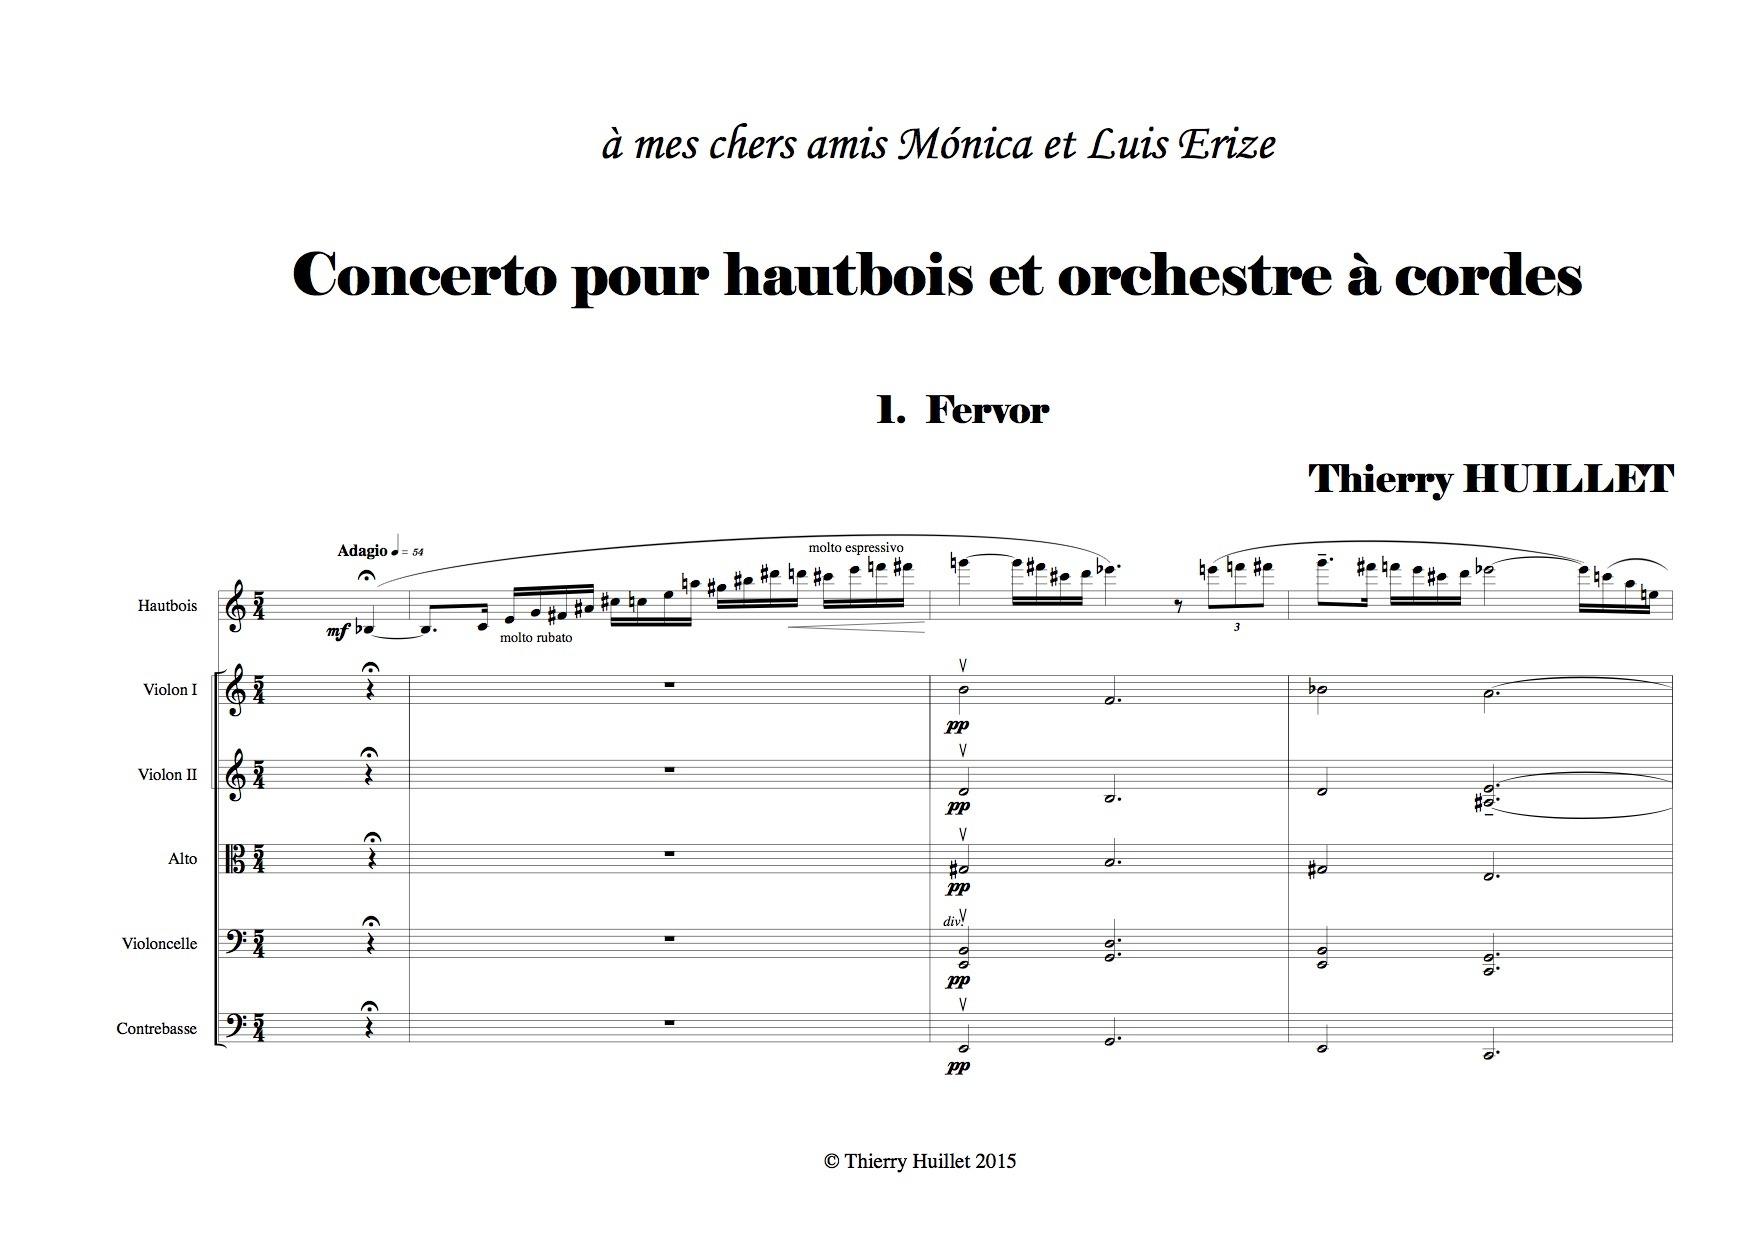 Thierryhuillet Concertohautbois Scorepianoreductionparts2